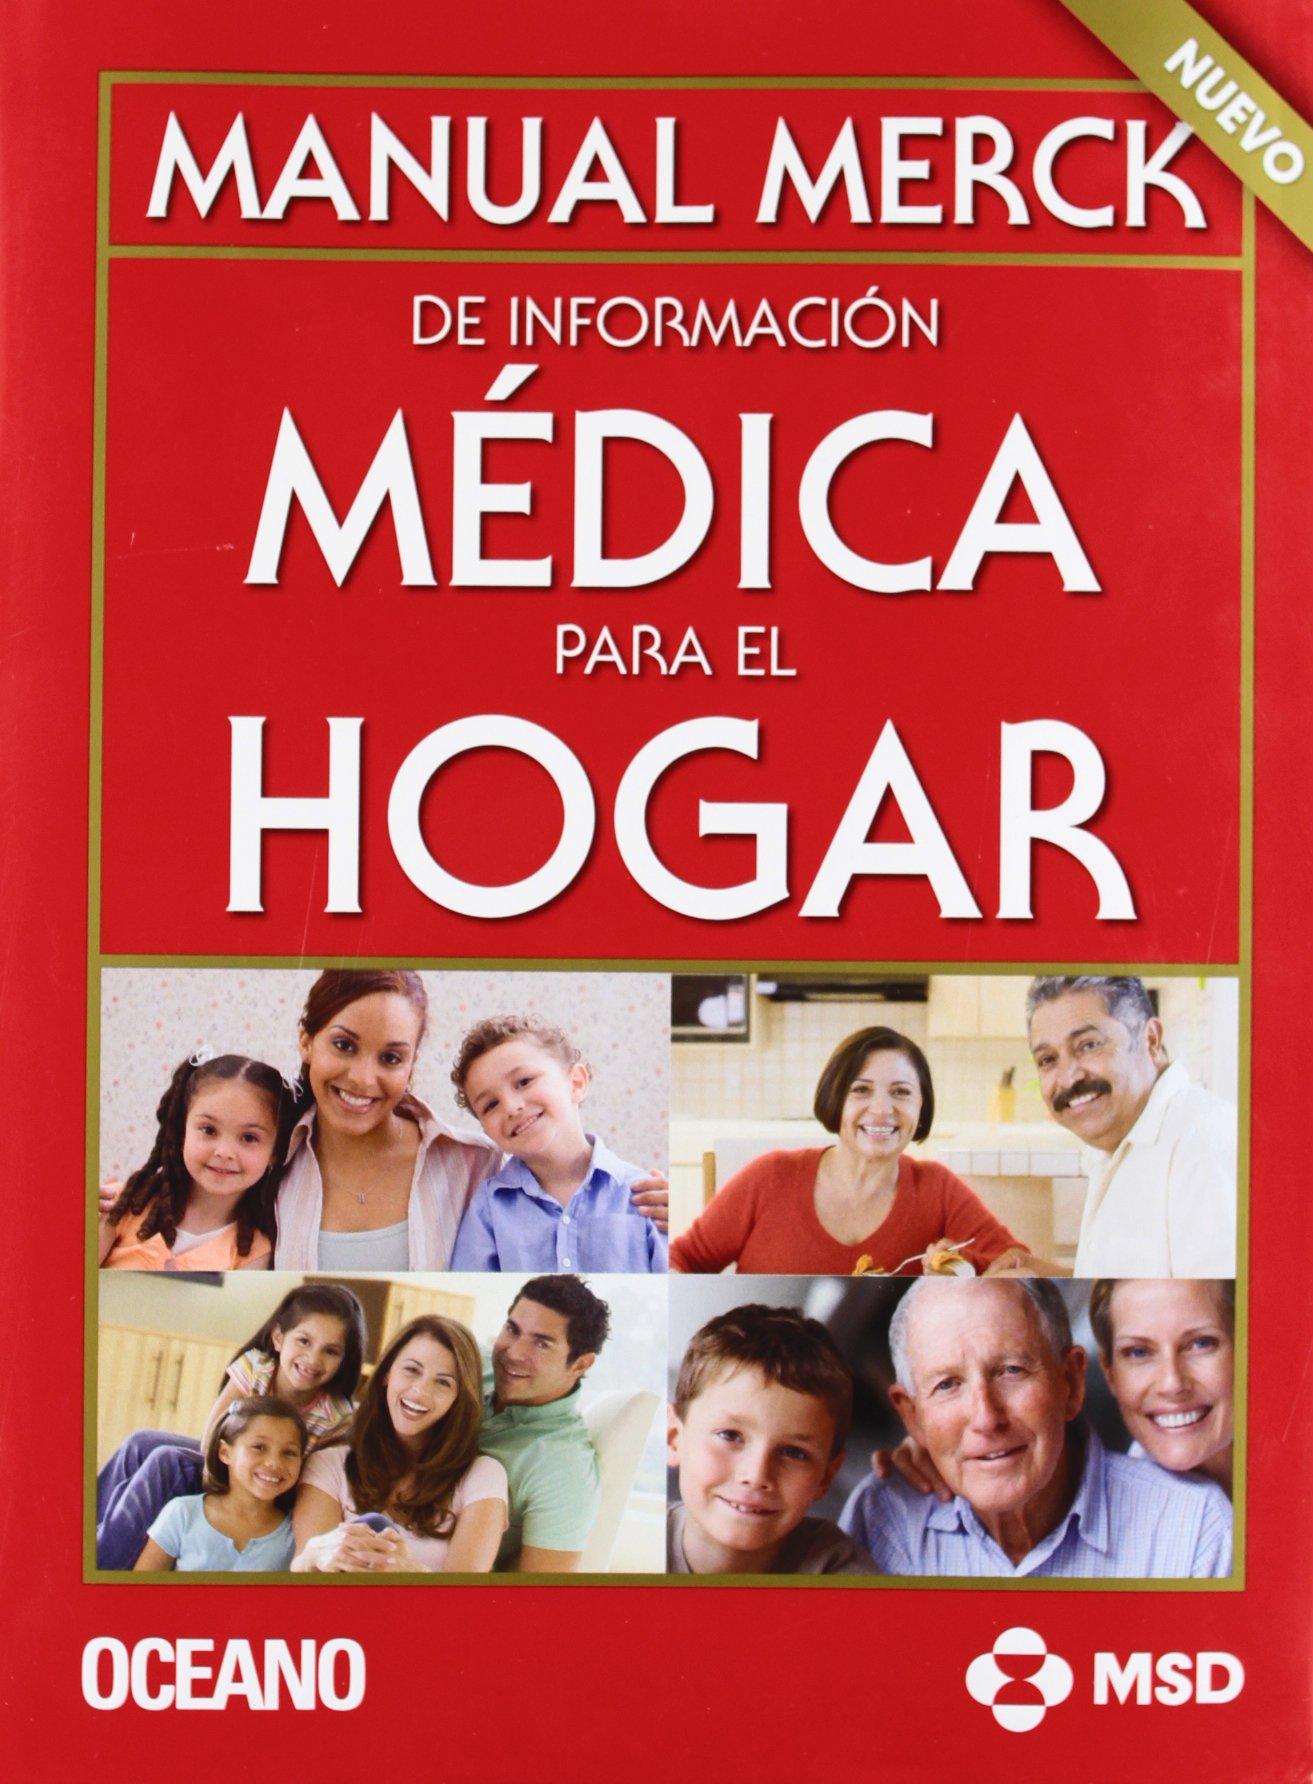 Manual Merk de información médica para el hogar 81YeixwBkwL